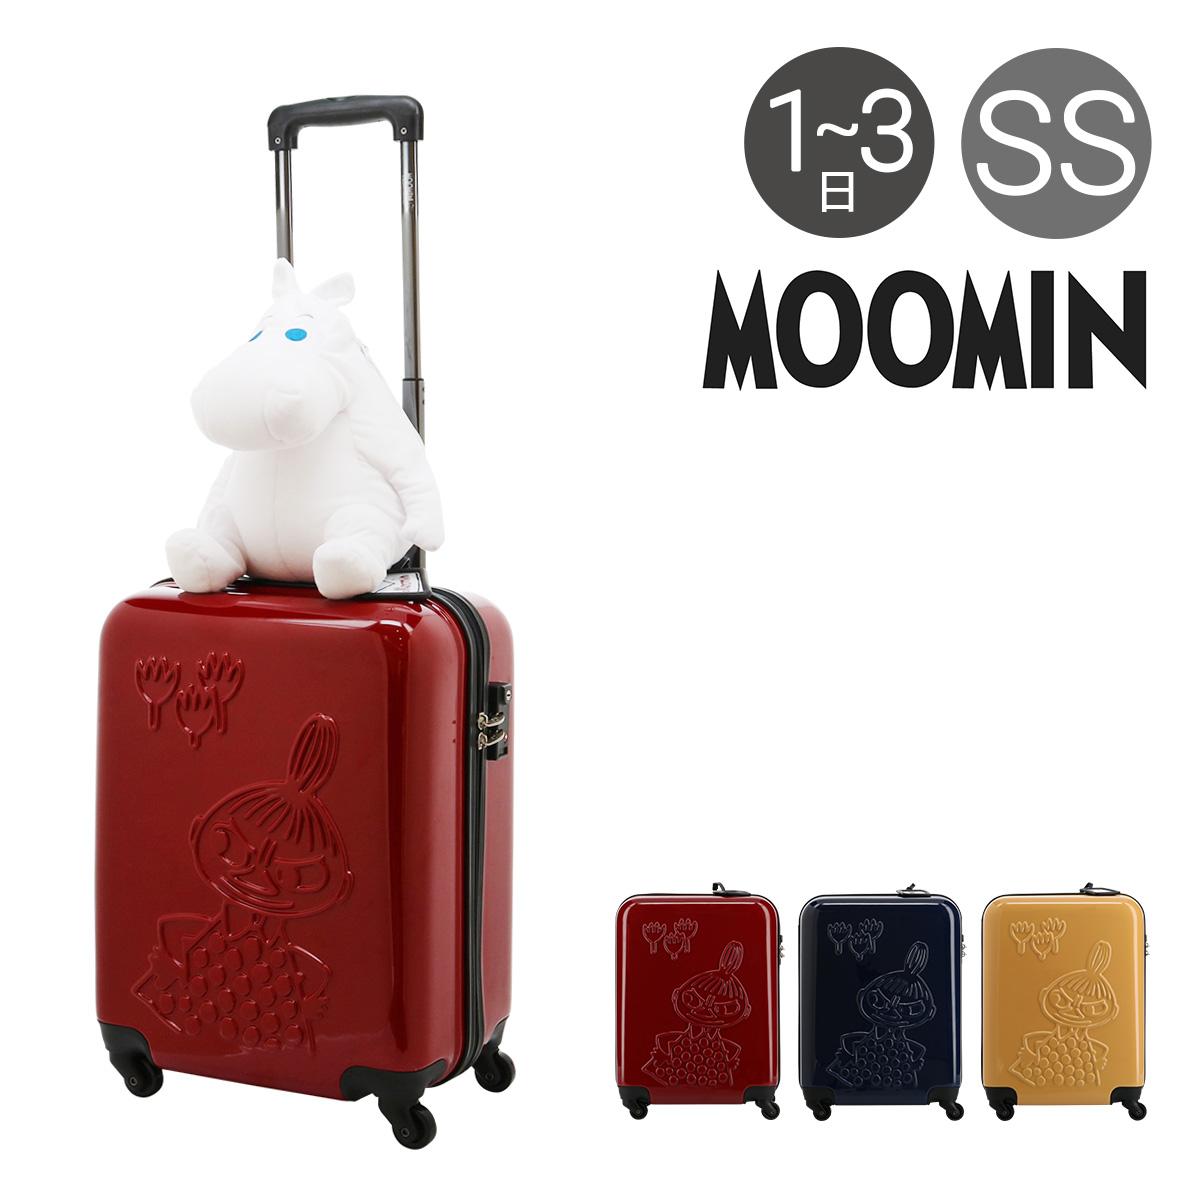 送料無料 あす楽 卓抜 ムーミン ミイ スーツケース ぬいぐる ネックピロー付き かわいい 35L 47.5cm 即日発送 2.7kg ファスナー キャラクター TSAロック搭載 無料 ハード 1年保証 bef MM2-013